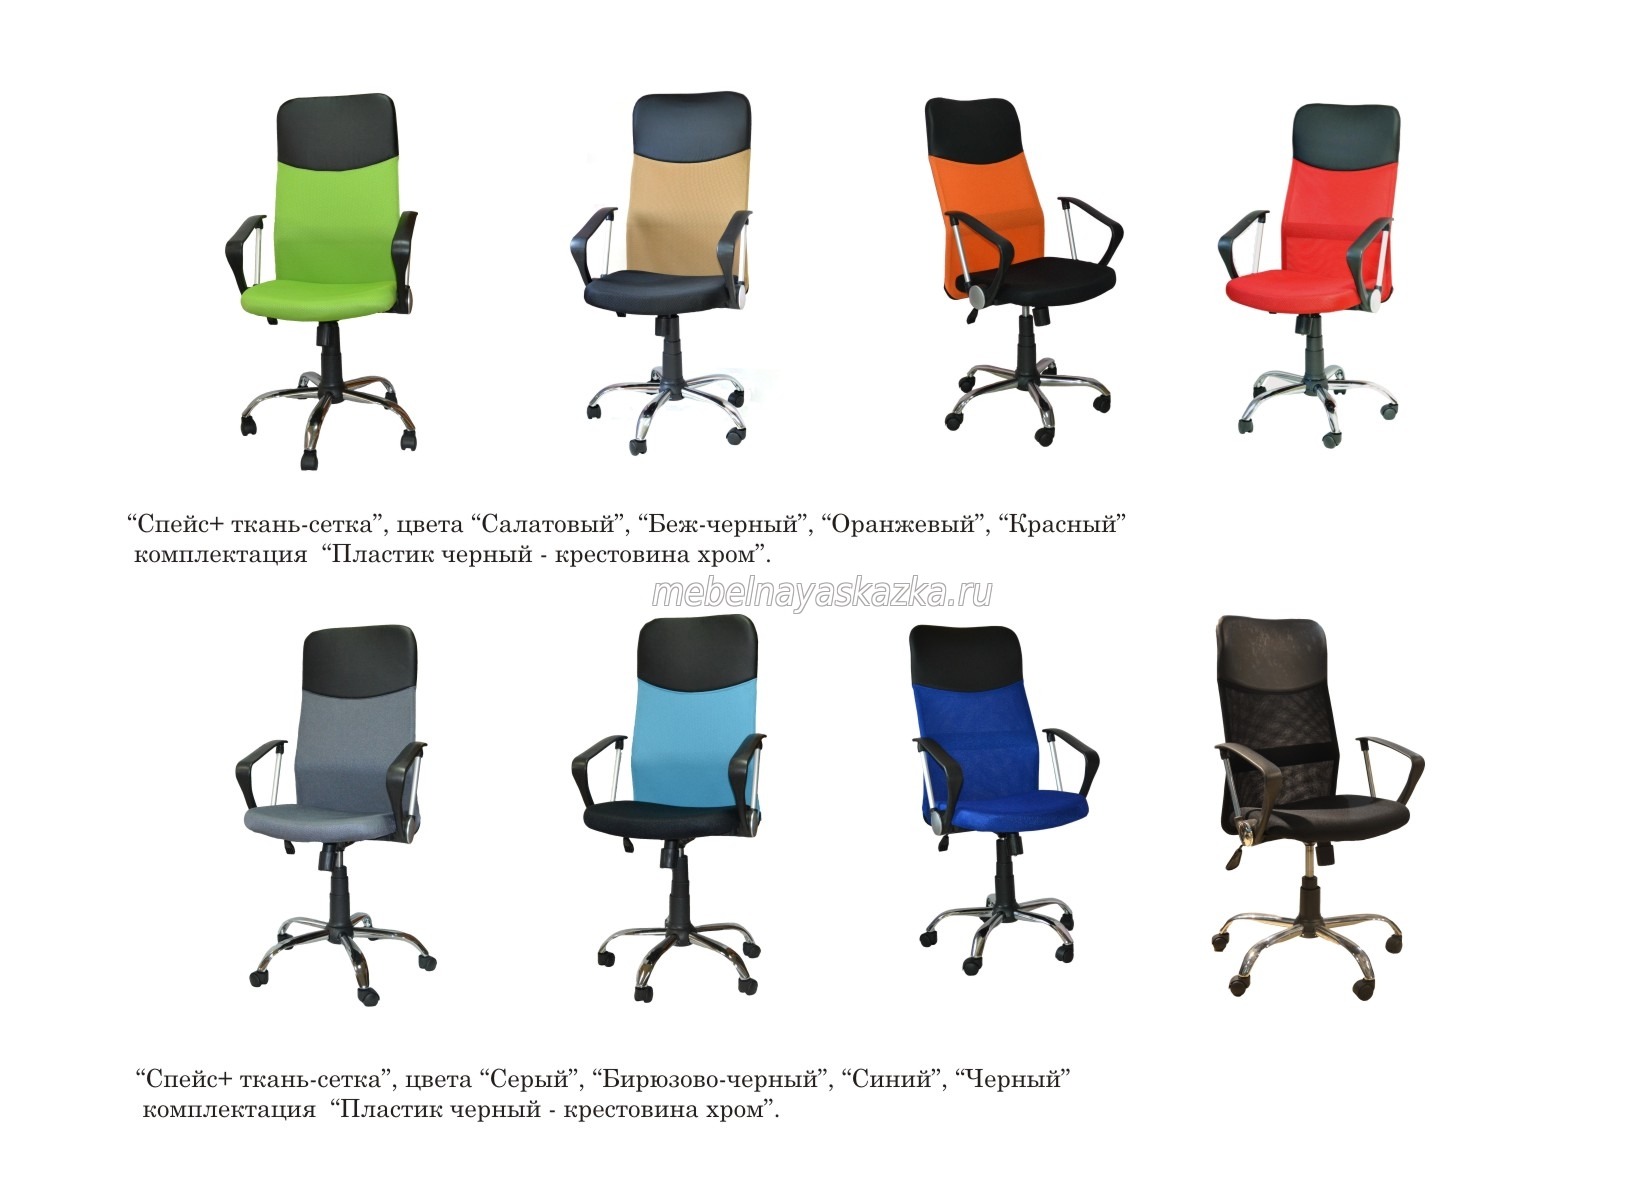 """Компьютерное кресло """"Спейс+"""" ткань-сетка"""